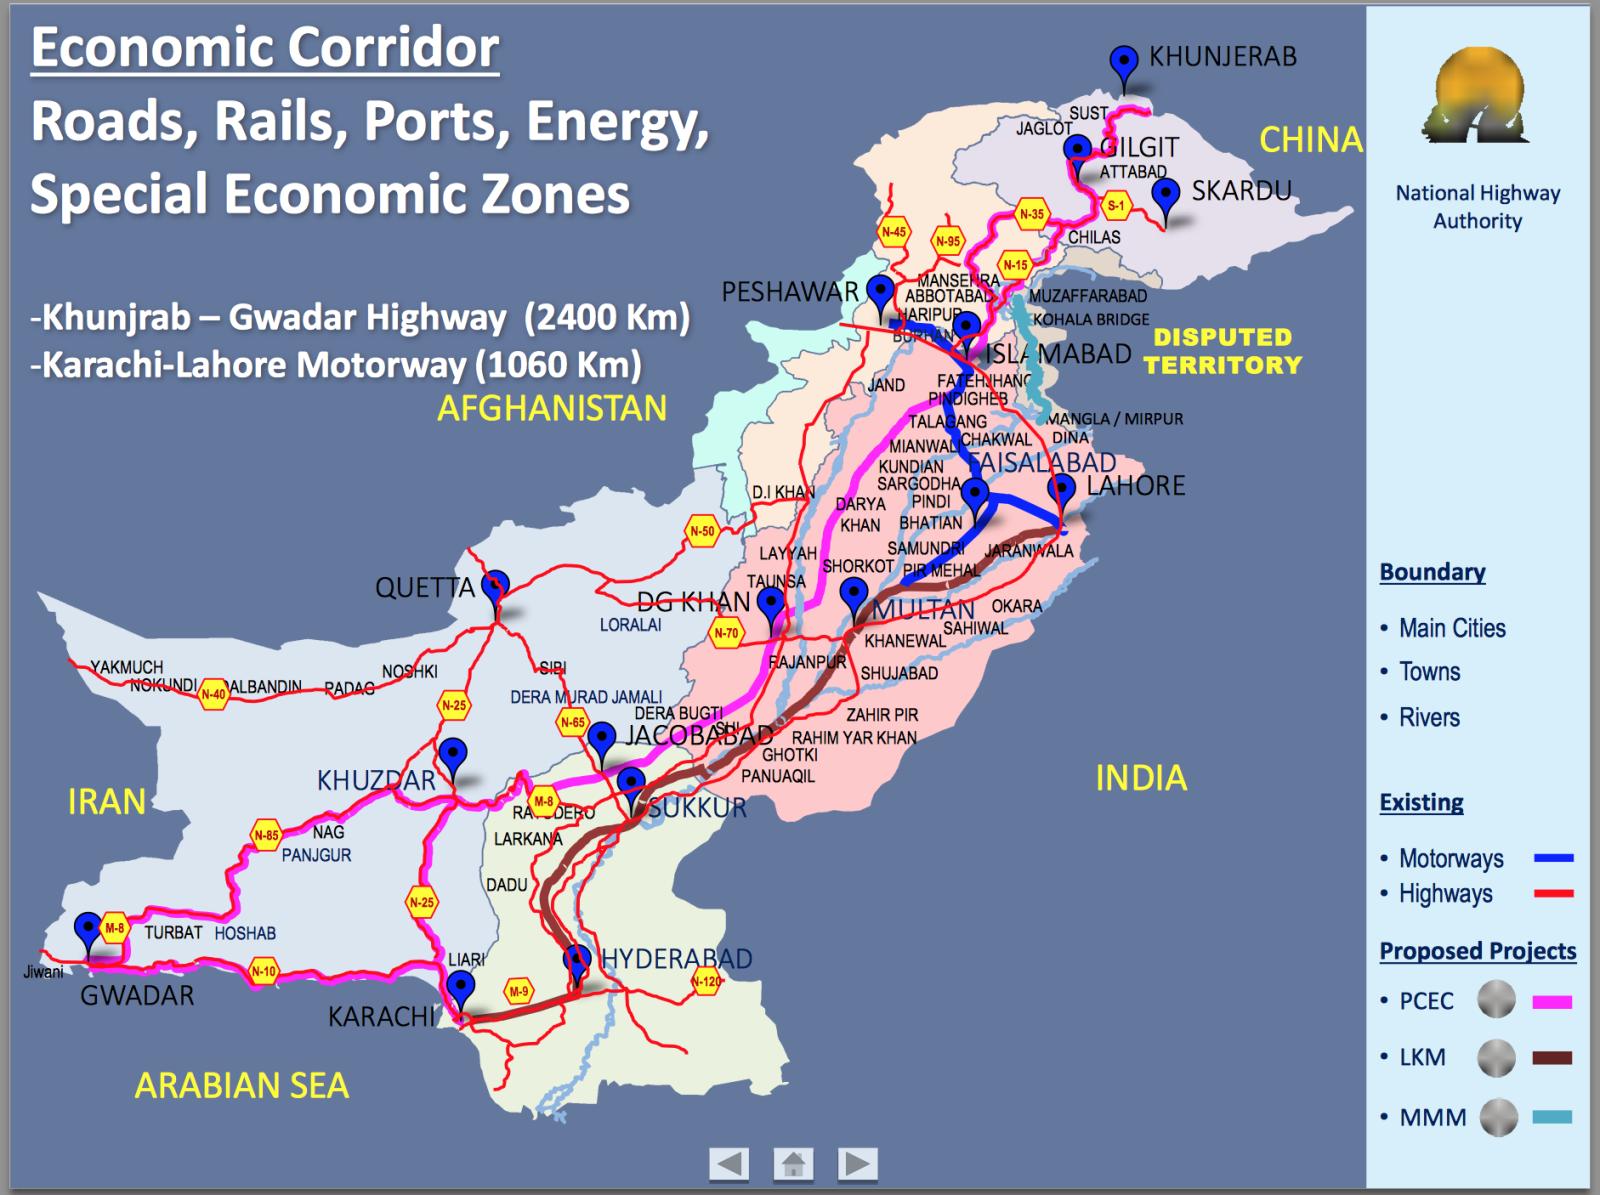 کریدور اقتصادی چین پاکستان